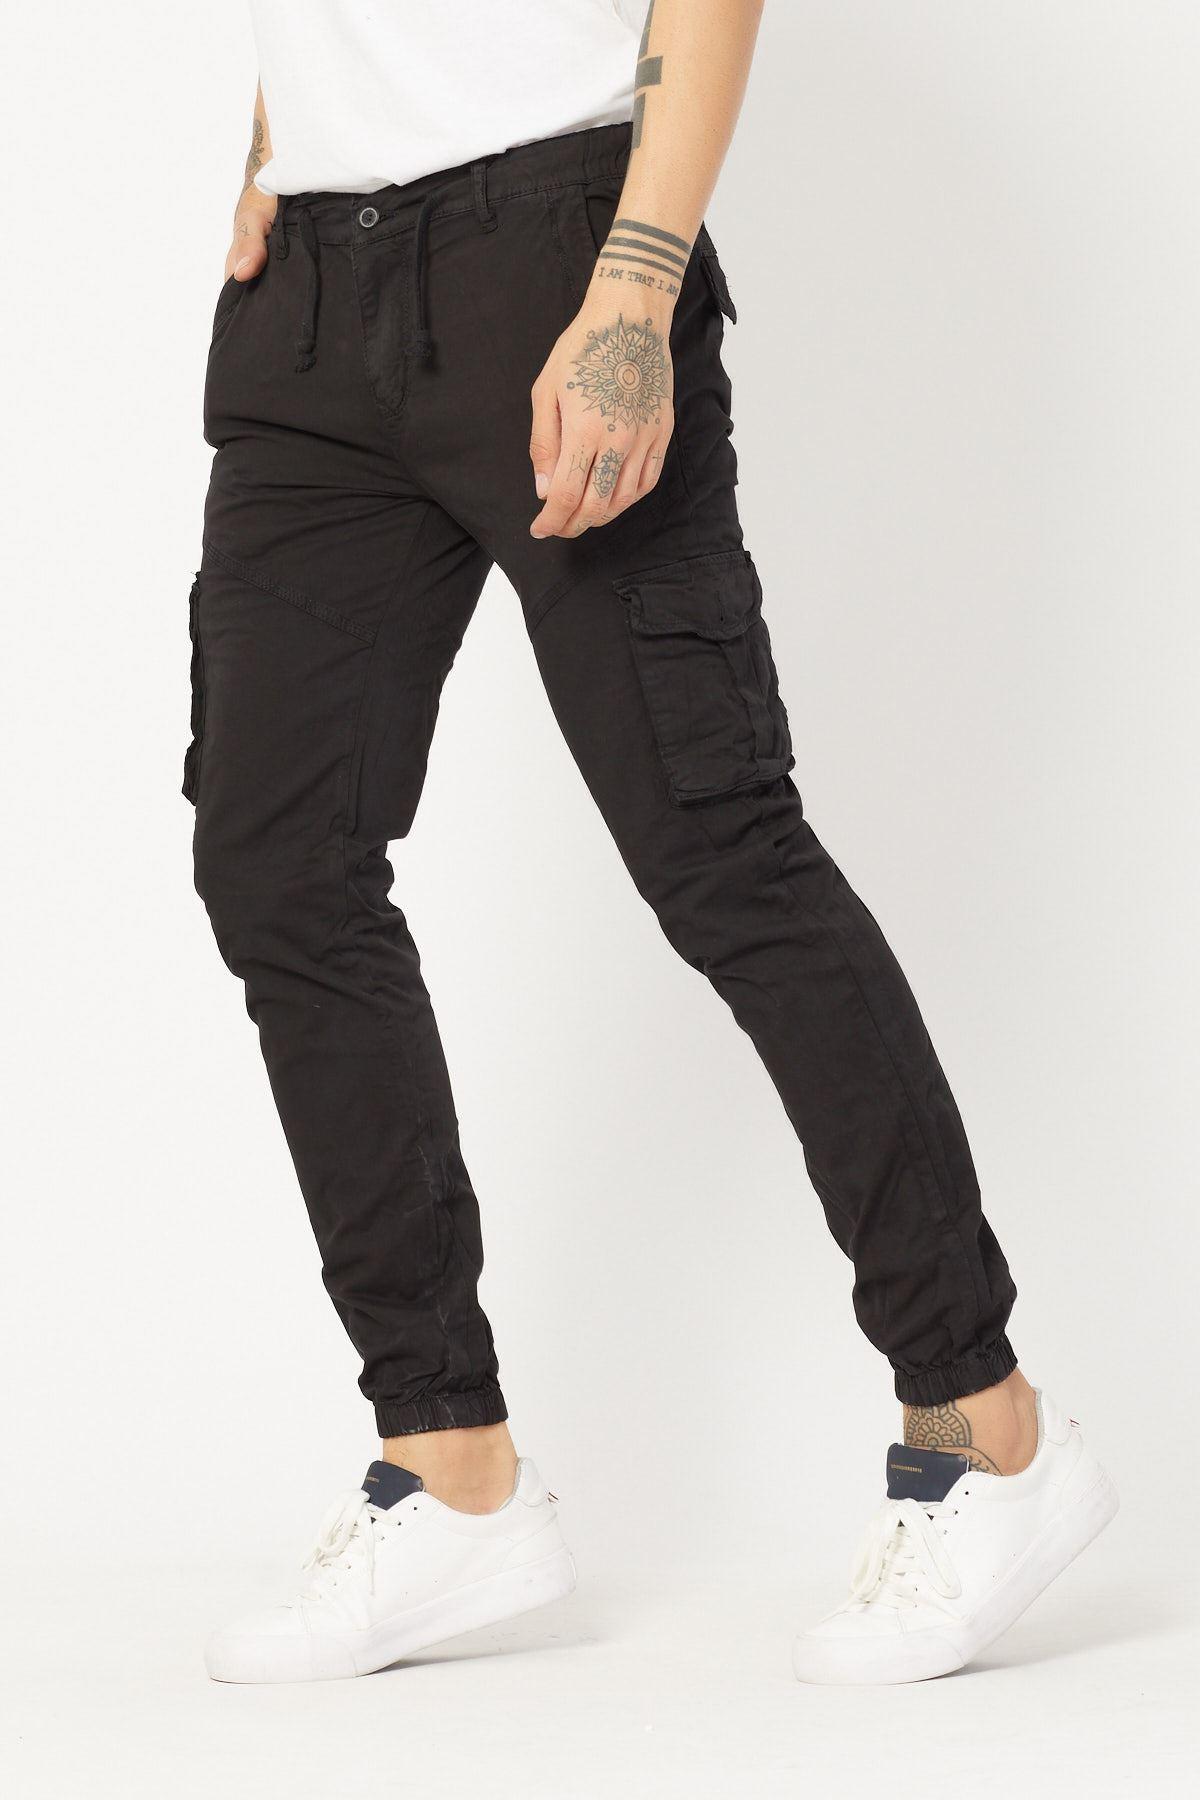 Kargo Cepli Siyah Keten Pantolon